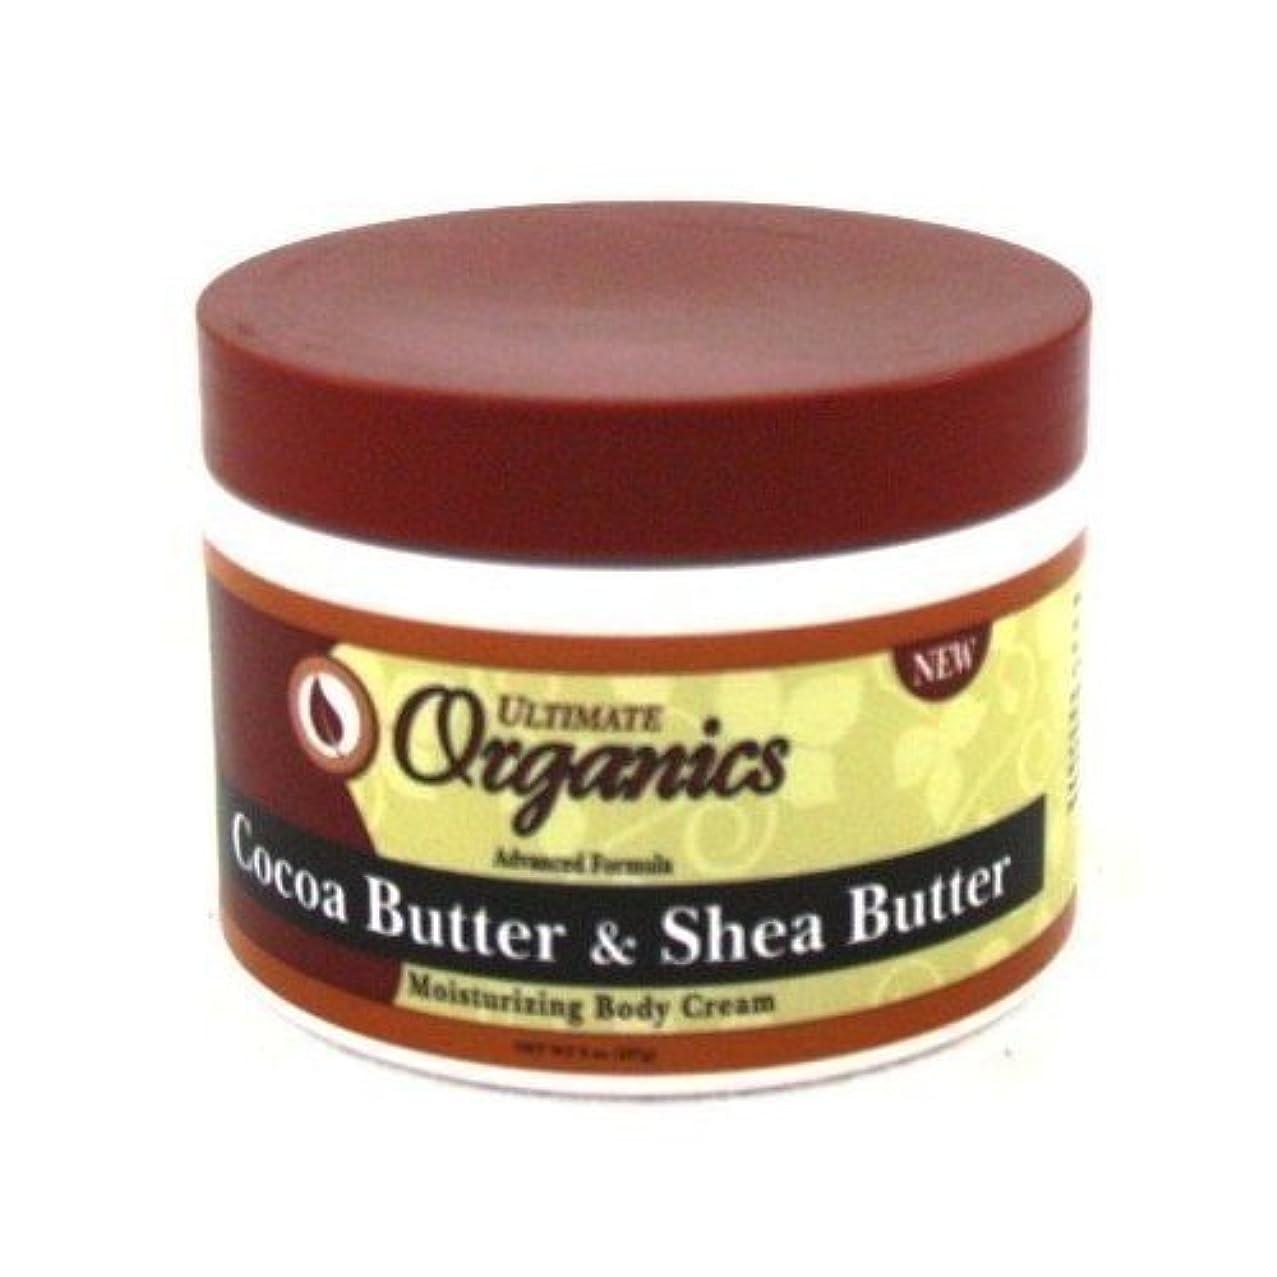 胚顕著リア王Ultimate Organics Cocoa Butter & Shea Butter Body Cream 235 ml (並行輸入品)